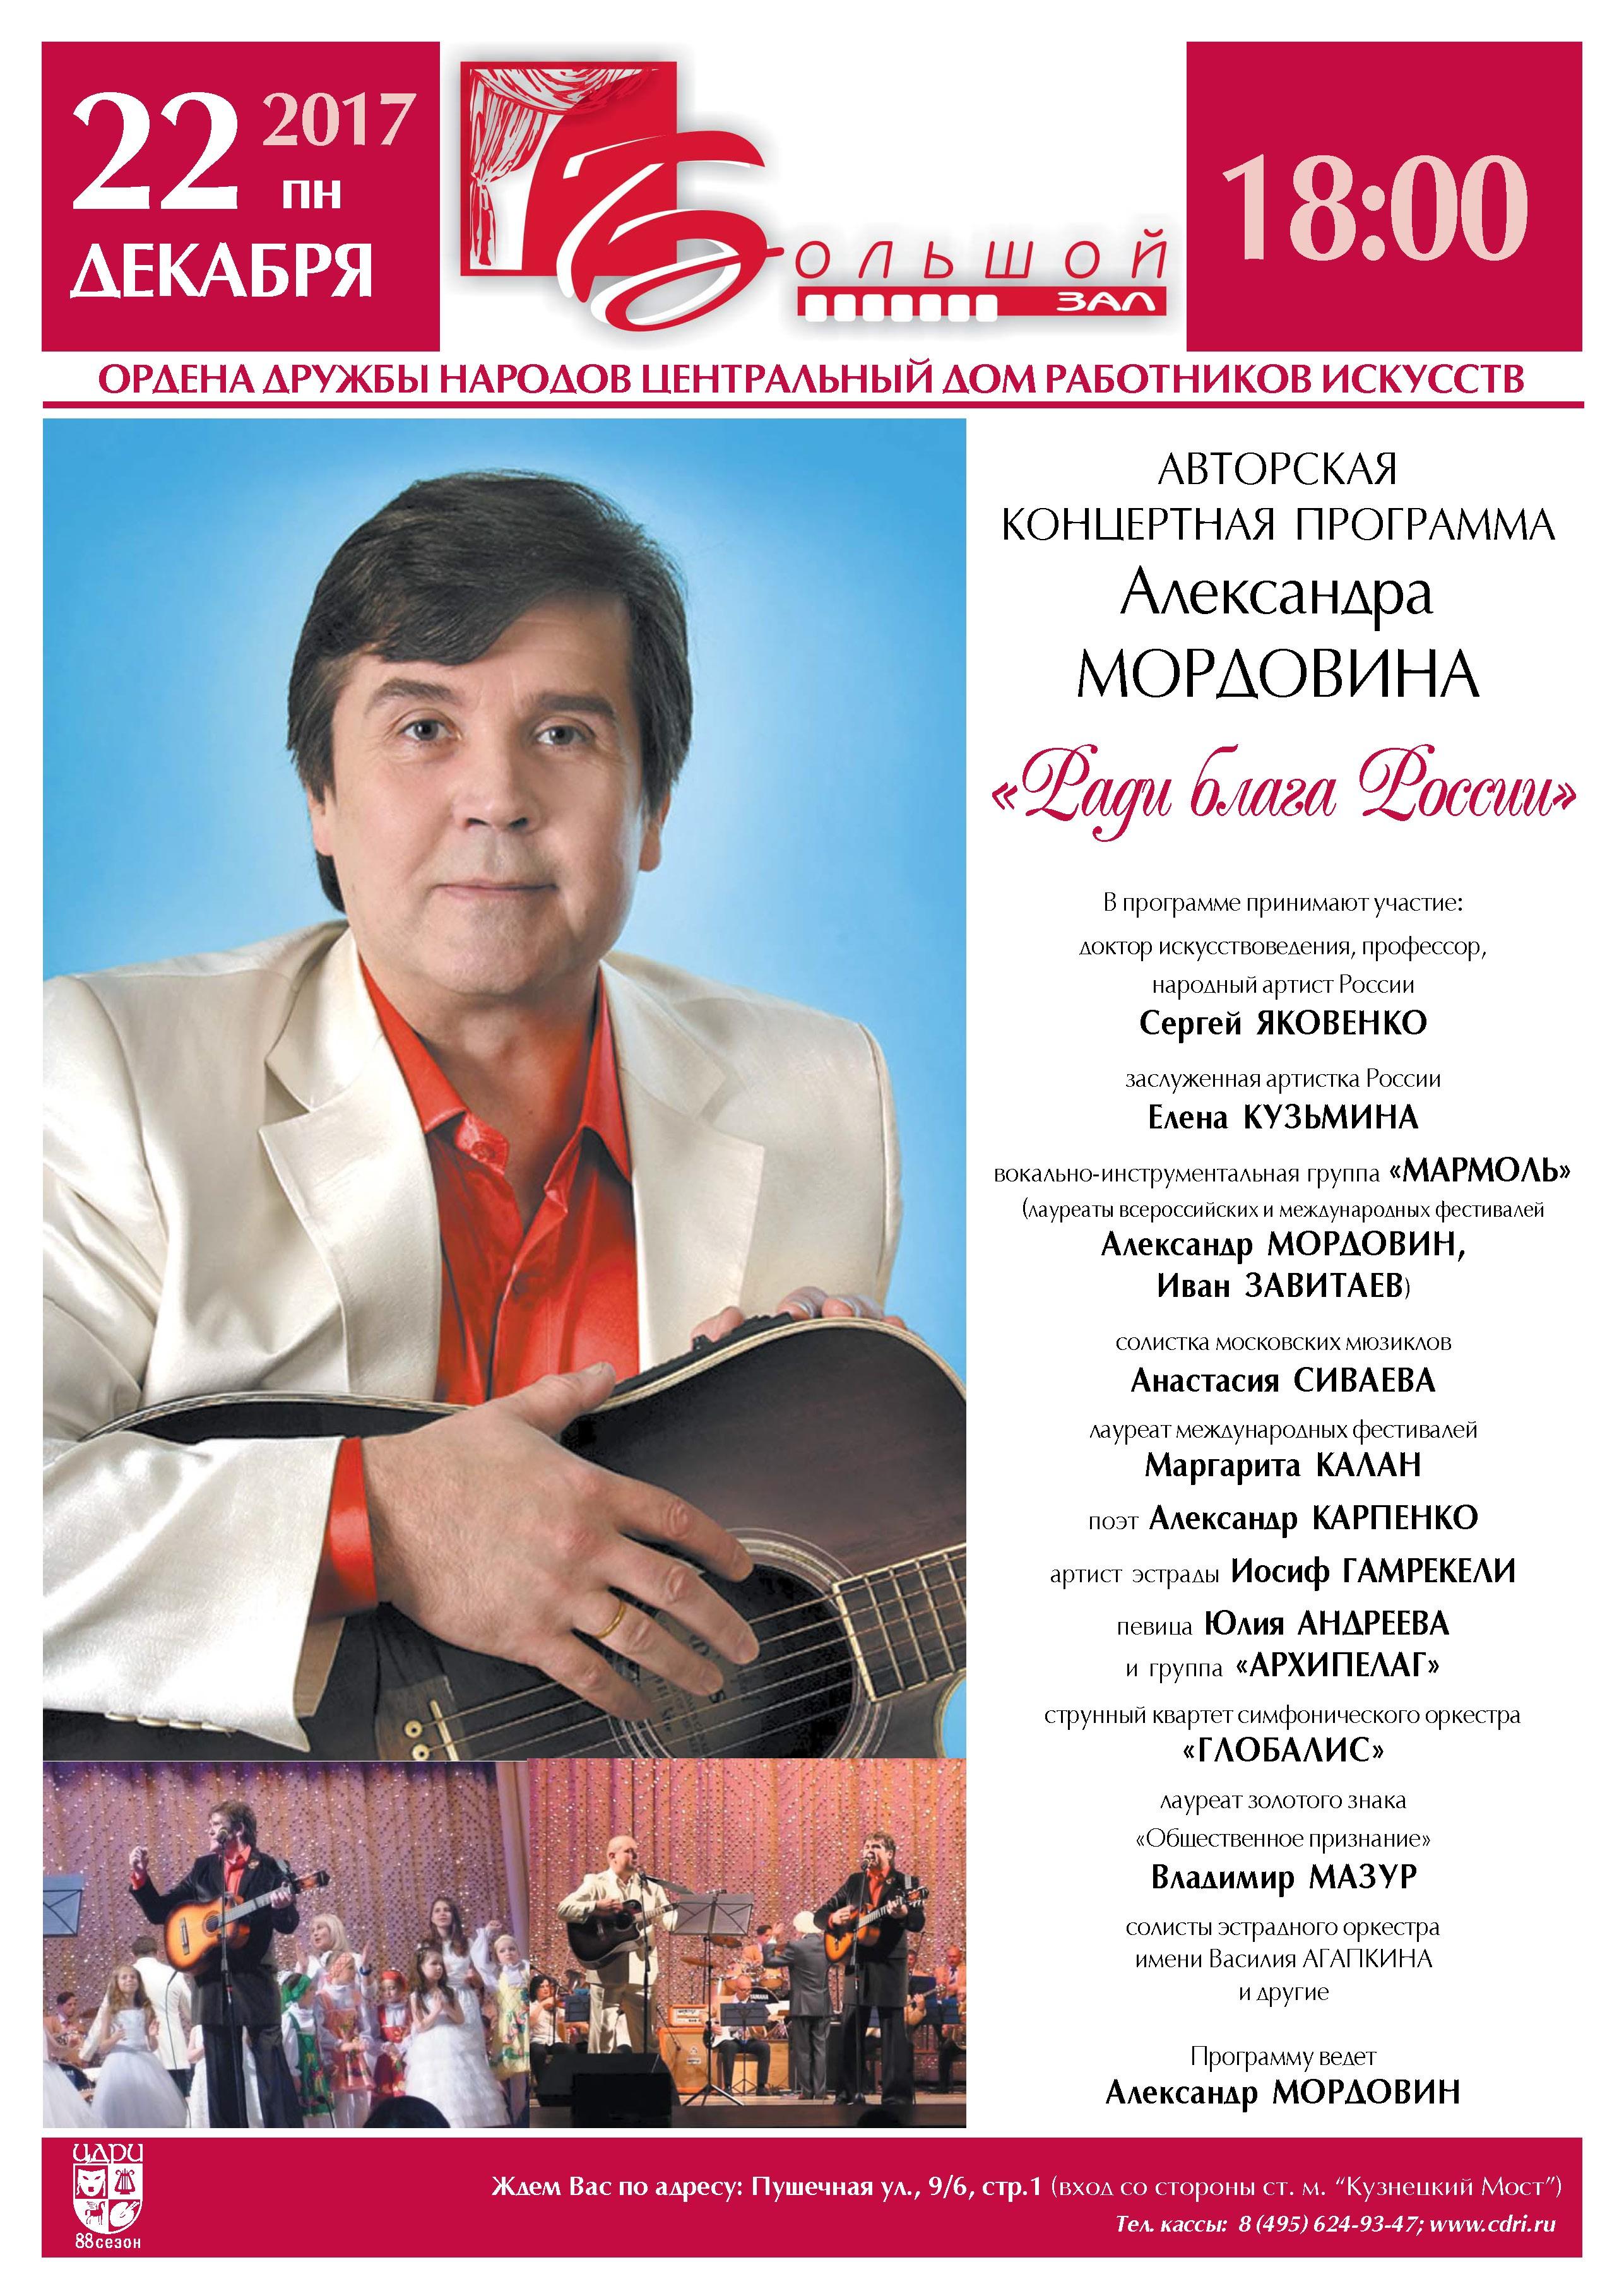 Александр Мордовин Сценический псевдоним Маркуша